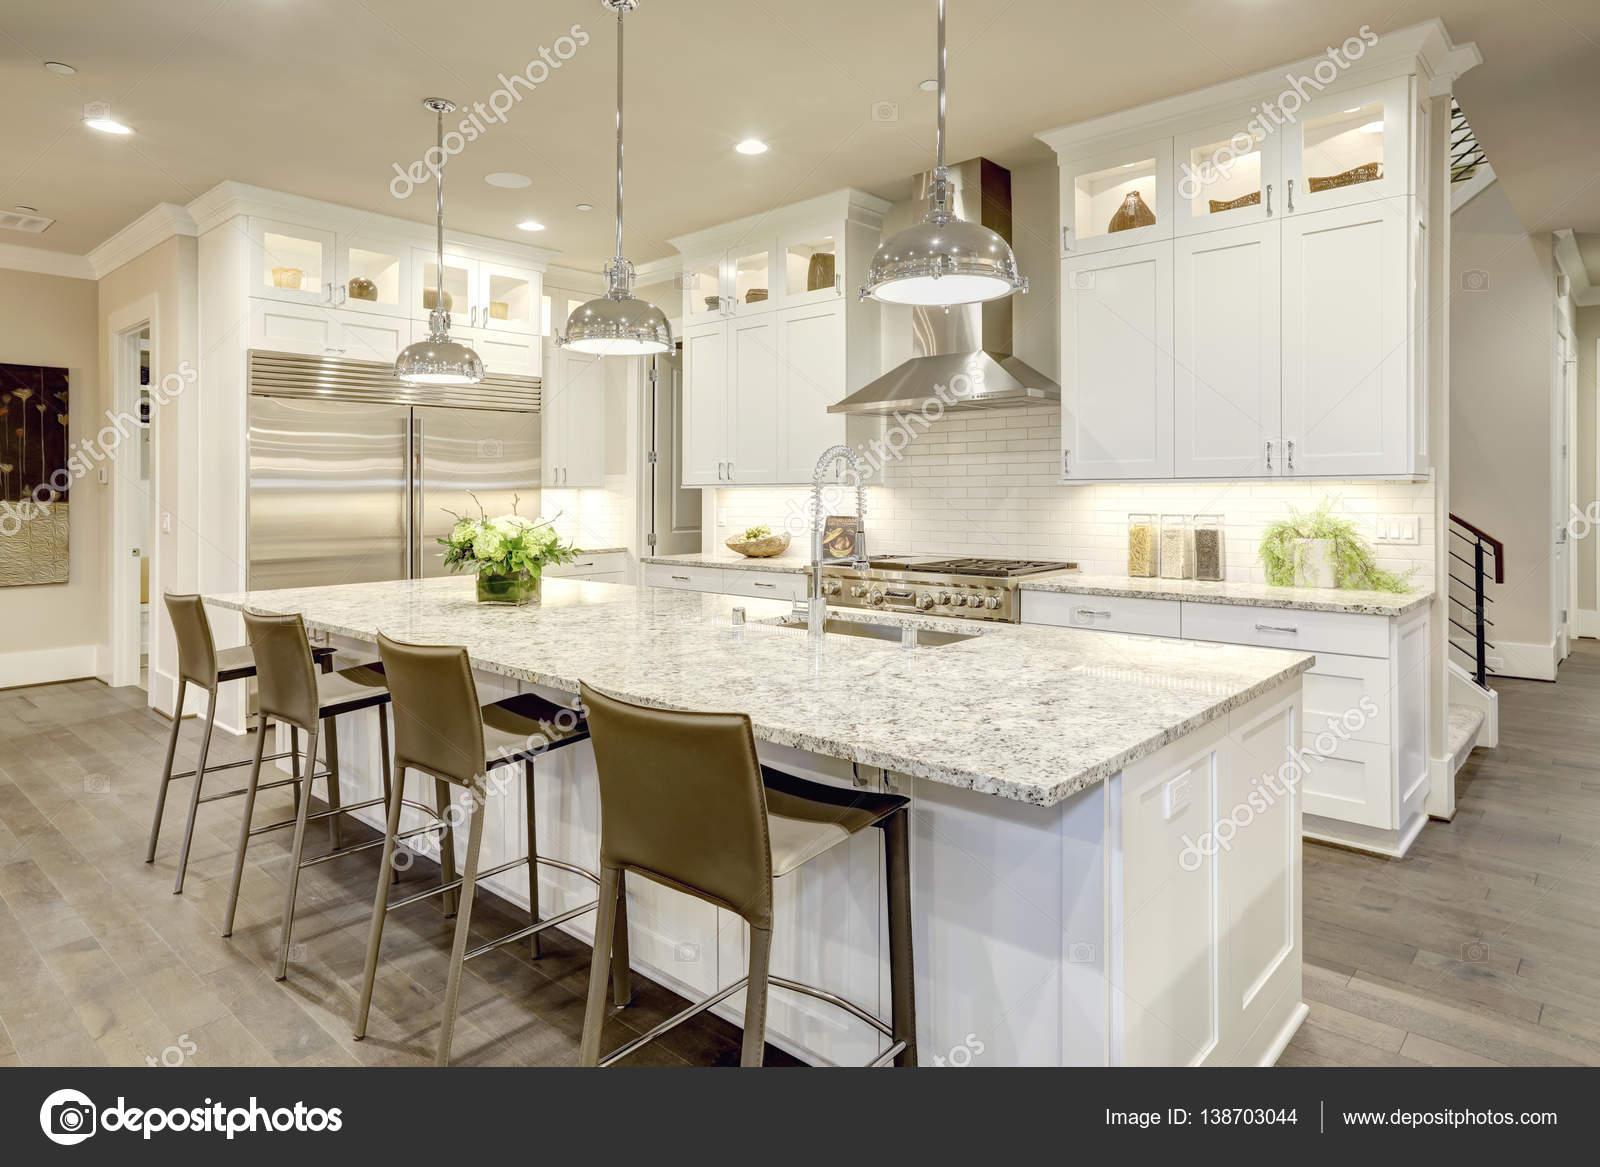 Diseño de cocina blanco en casa de lujo nueva — Fotos de Stock ...